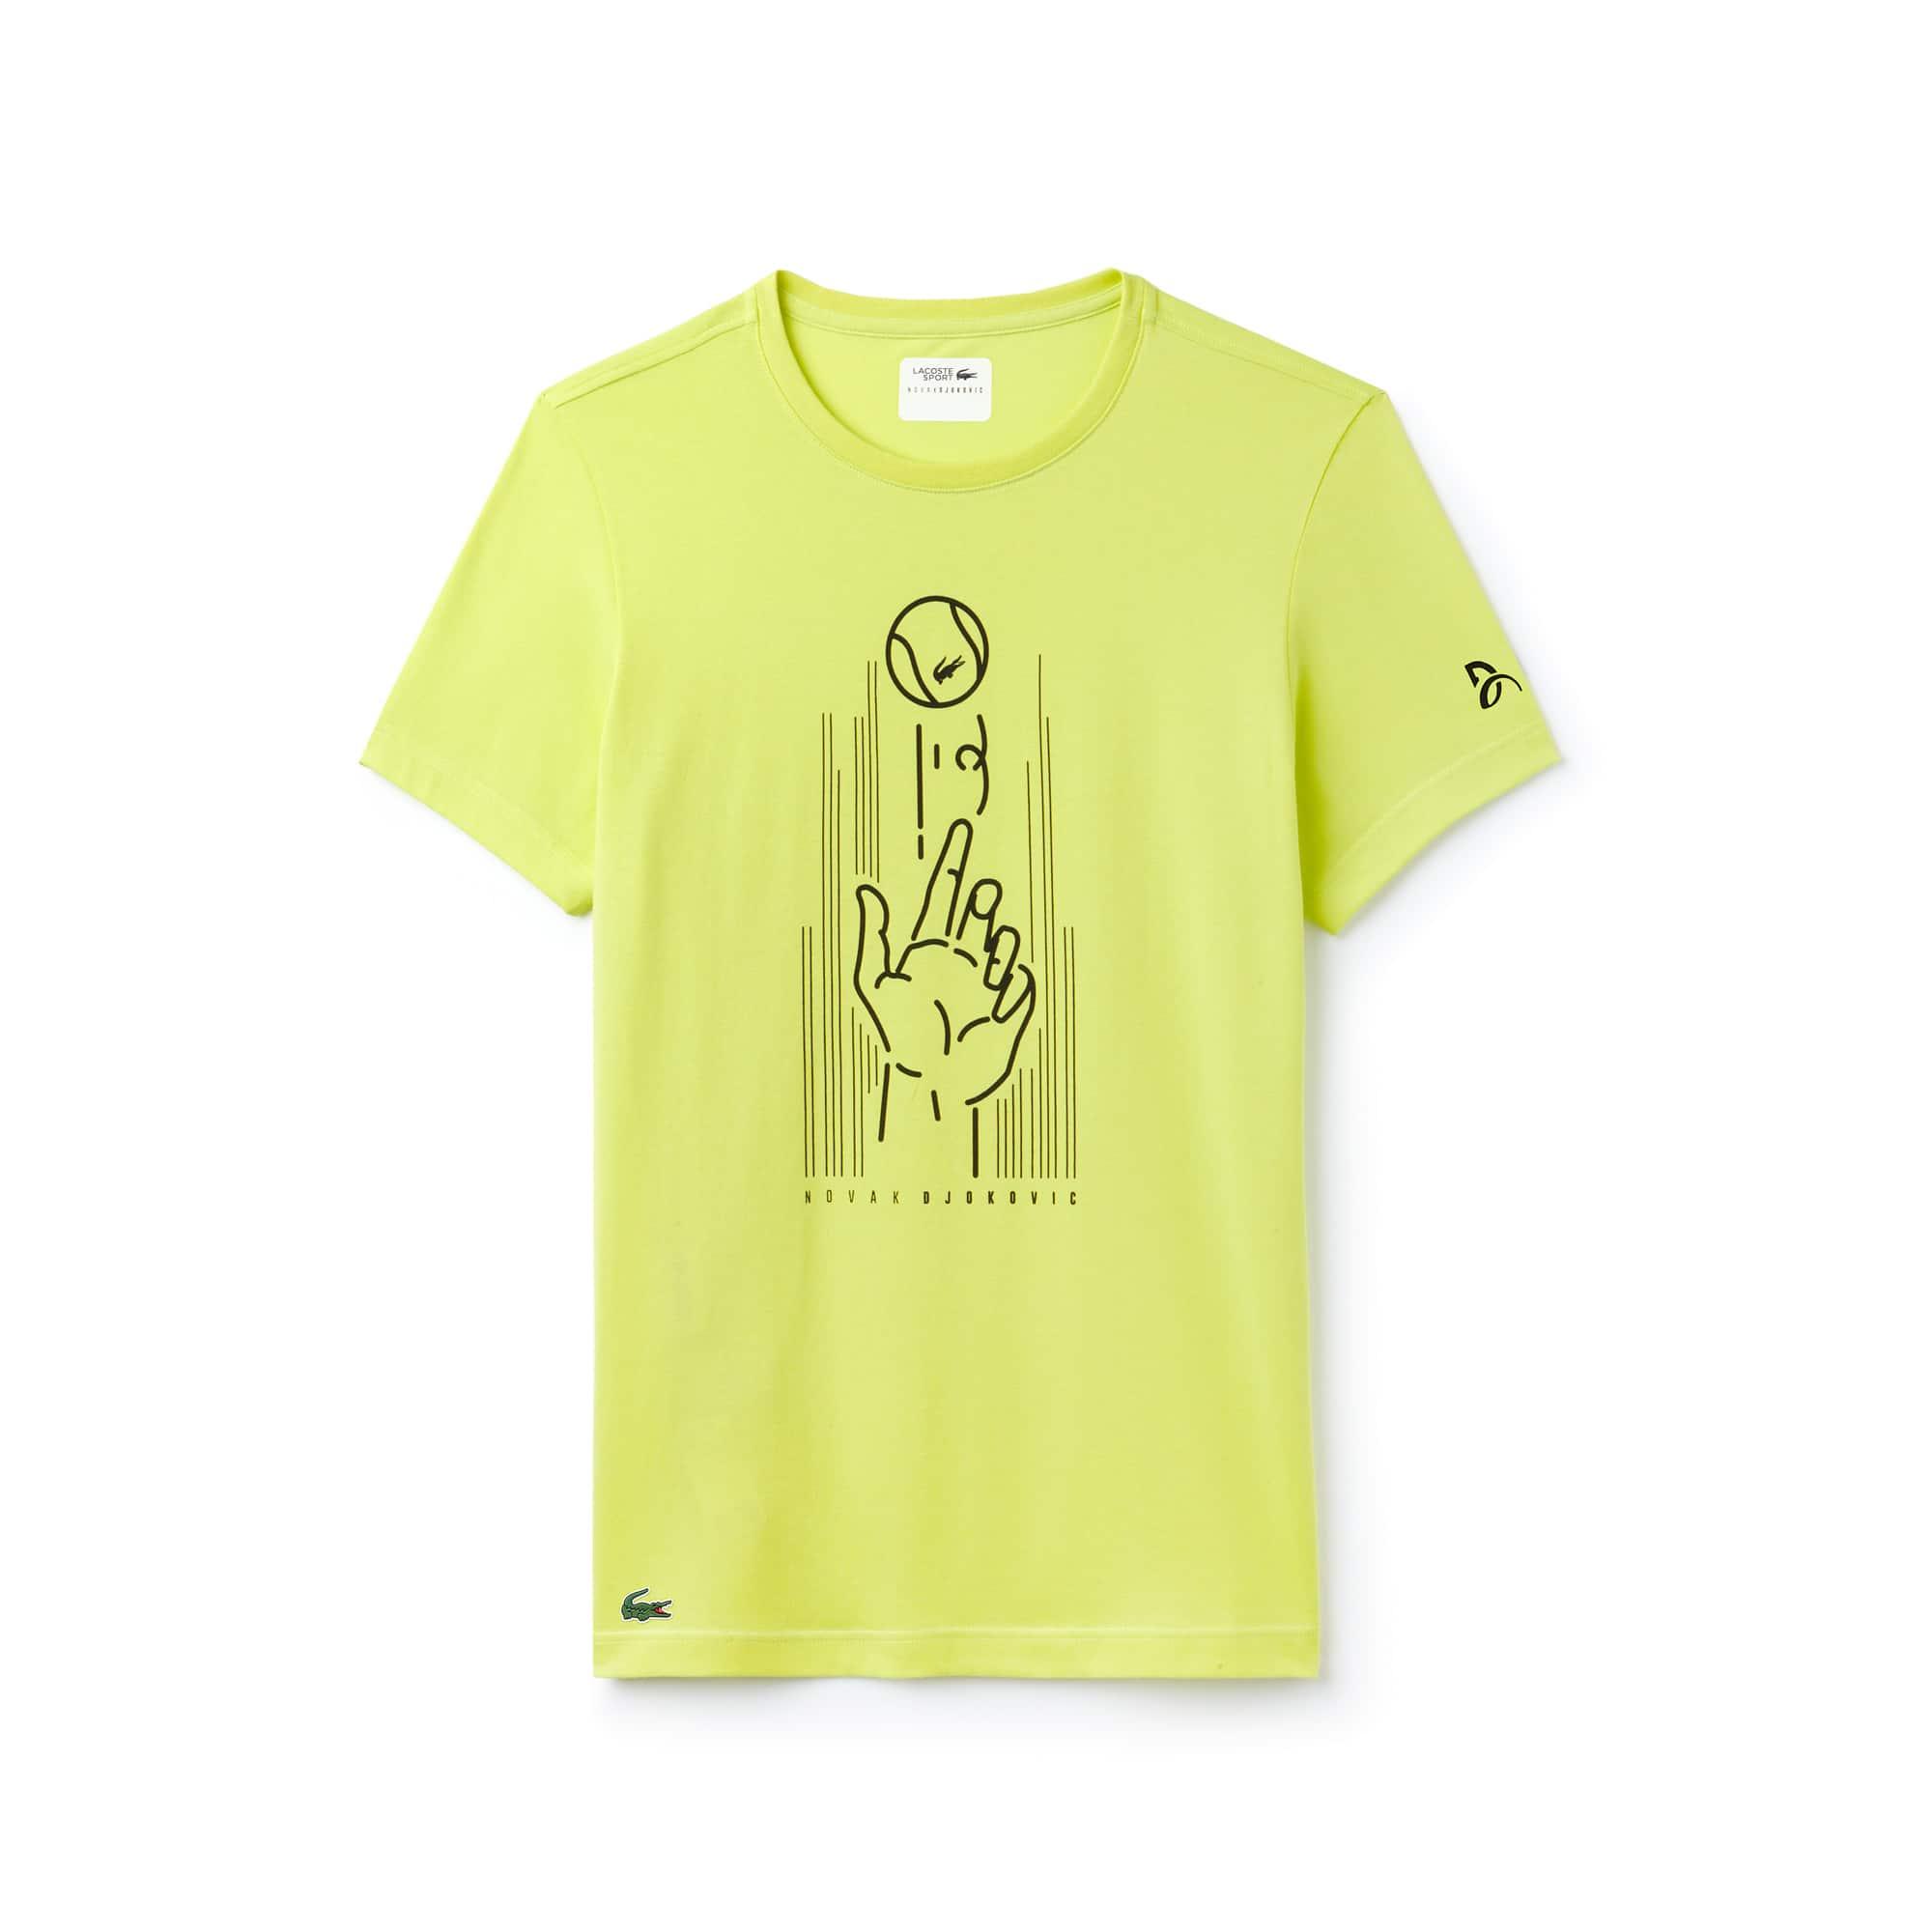 Lacoste - Herren Rundhals-T-Shirt aus Jersey mit Aufdruck LACOSTE SPORT - 3